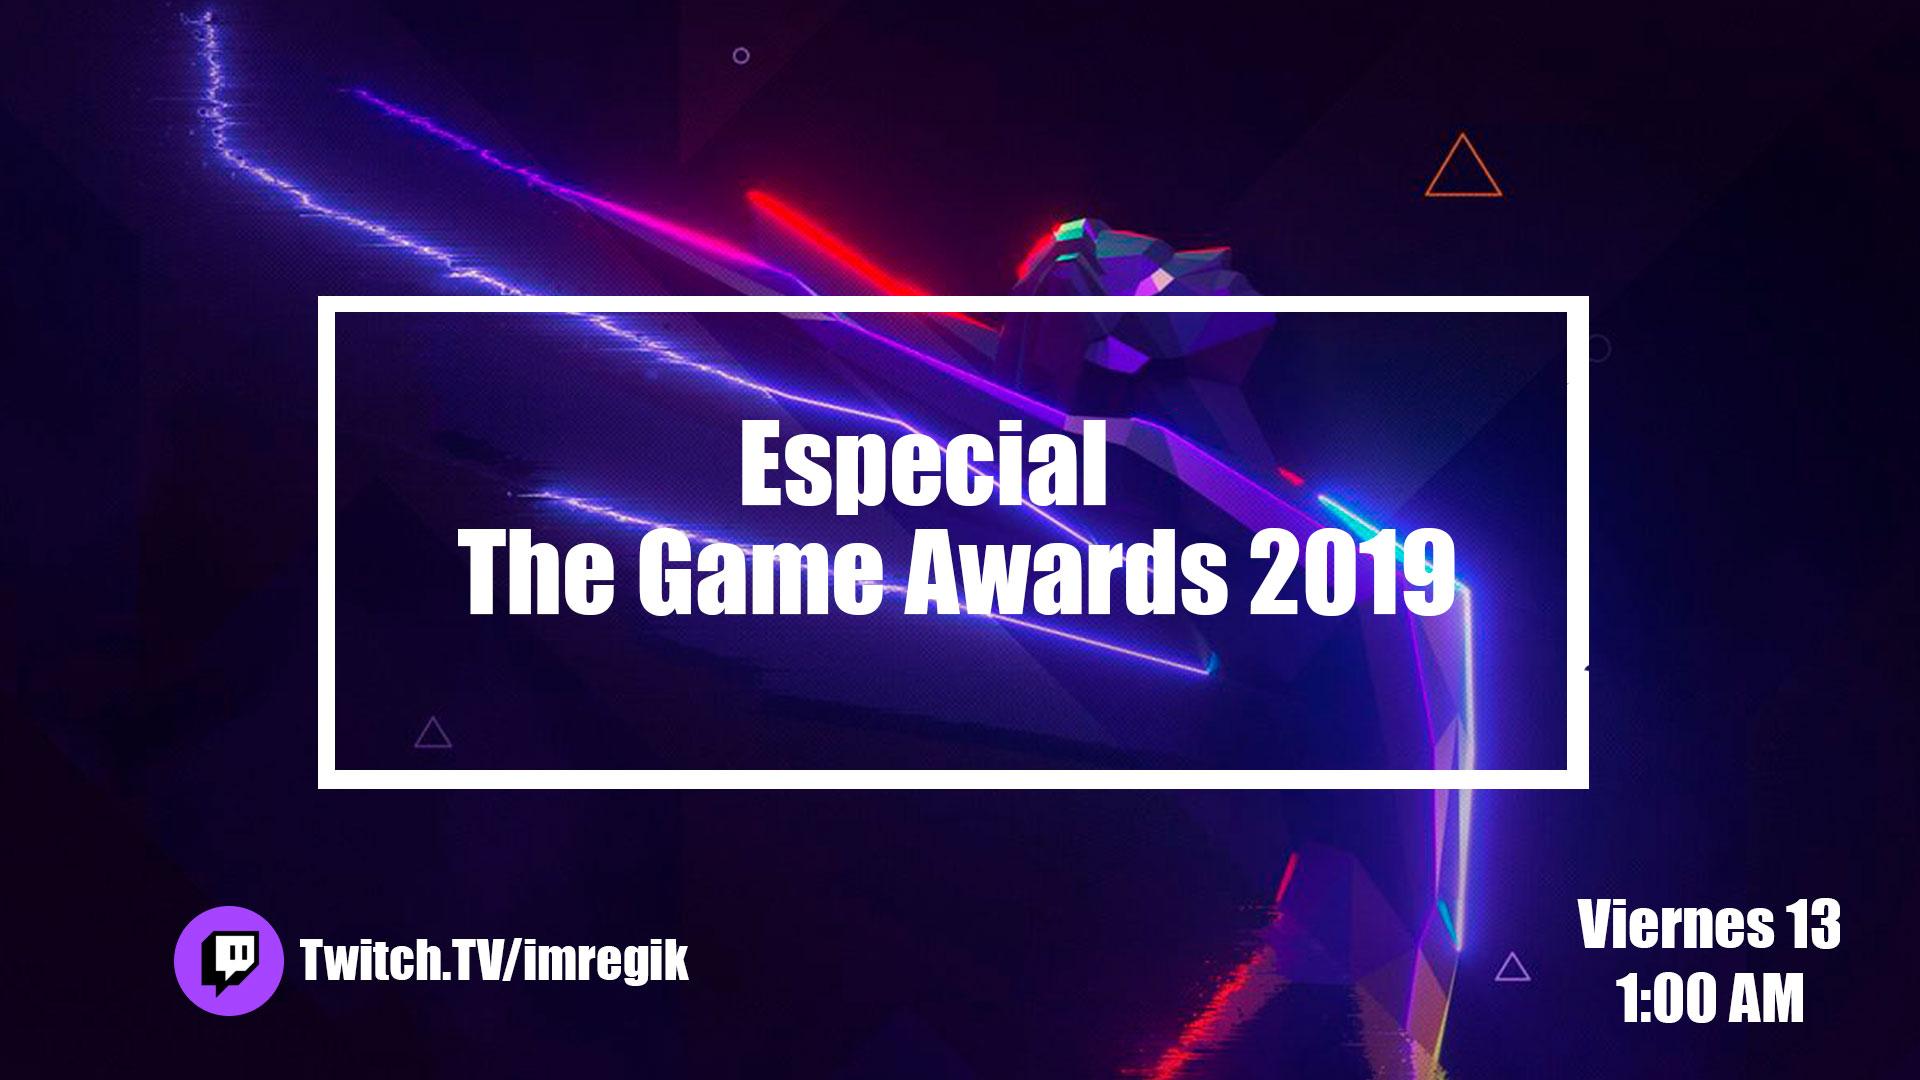 Sigue con nosotros la noche de los Game Awards